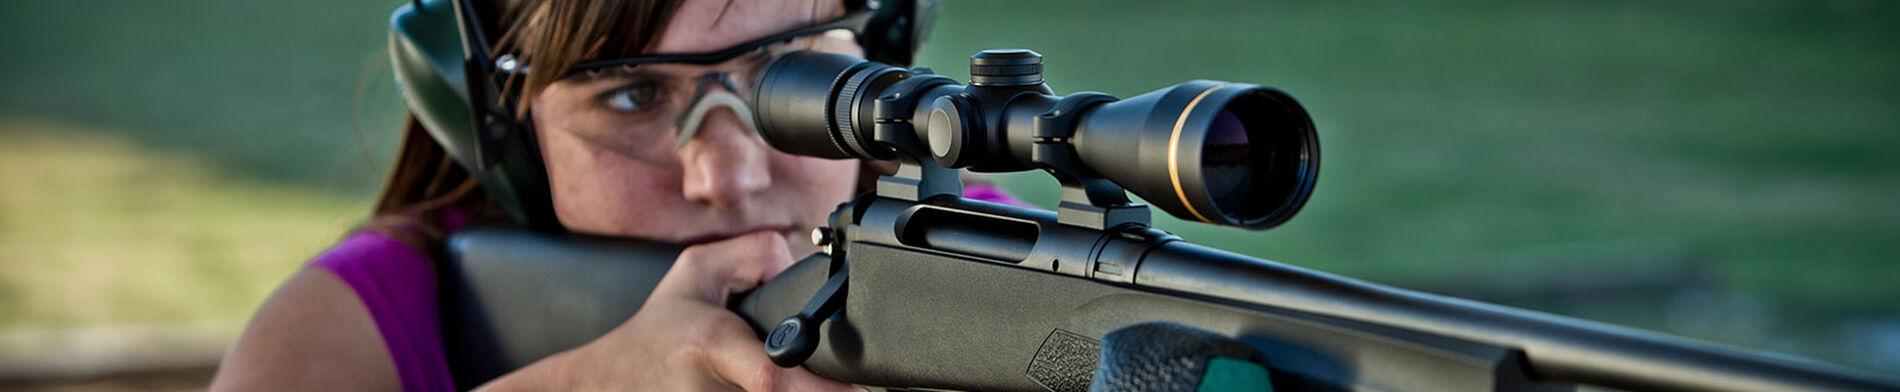 Woman Shooting Rifle